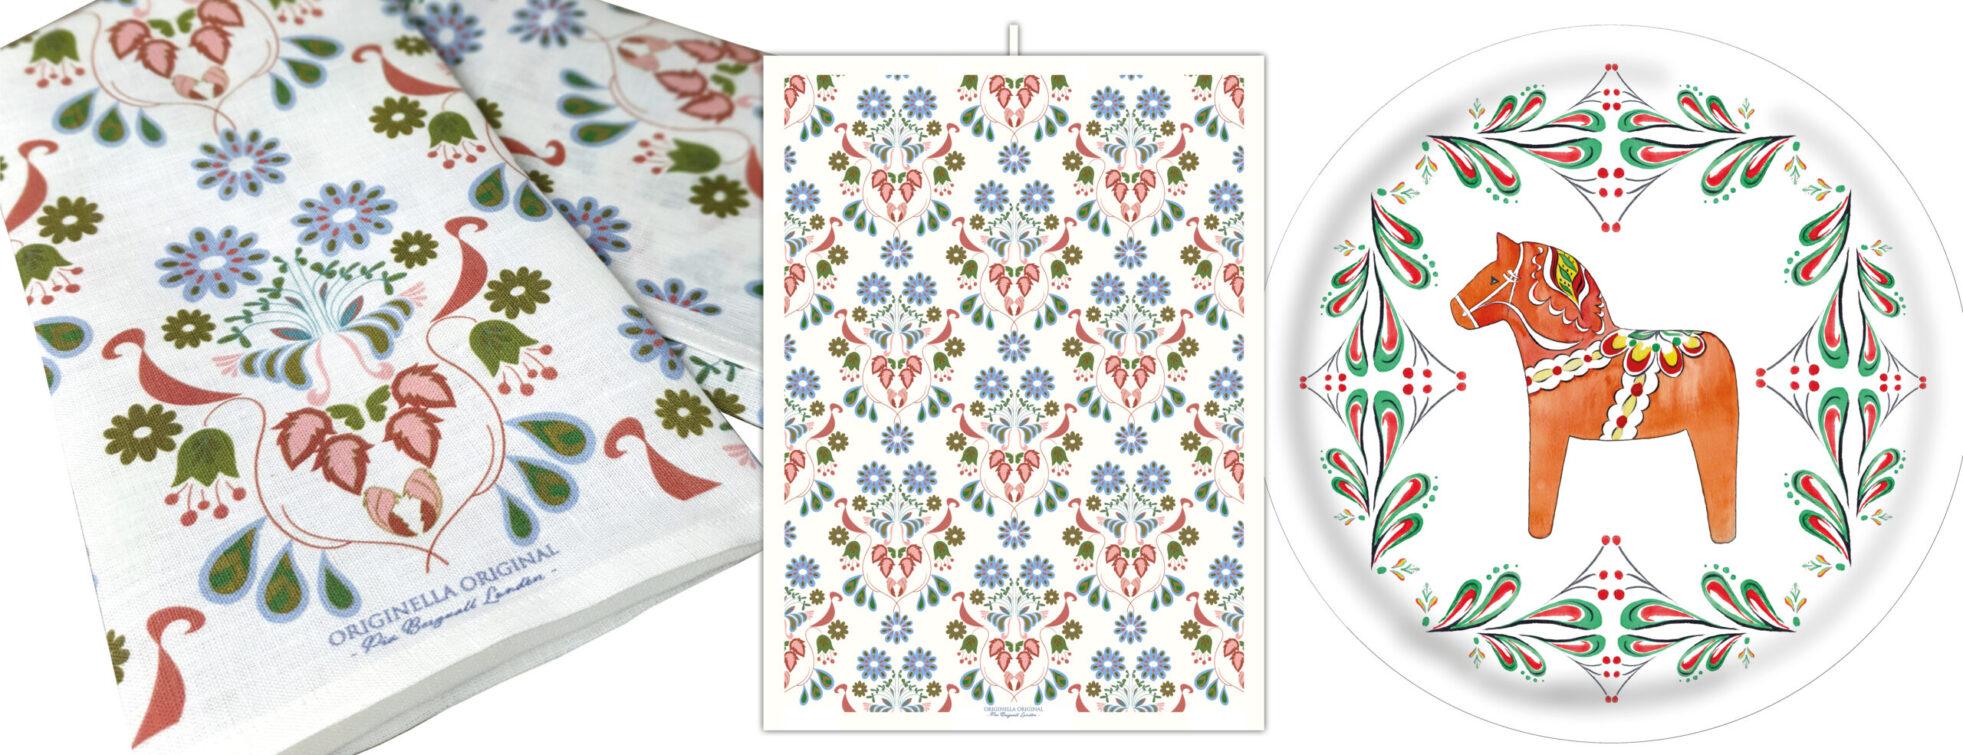 svensk design linnehanddukar och brickor